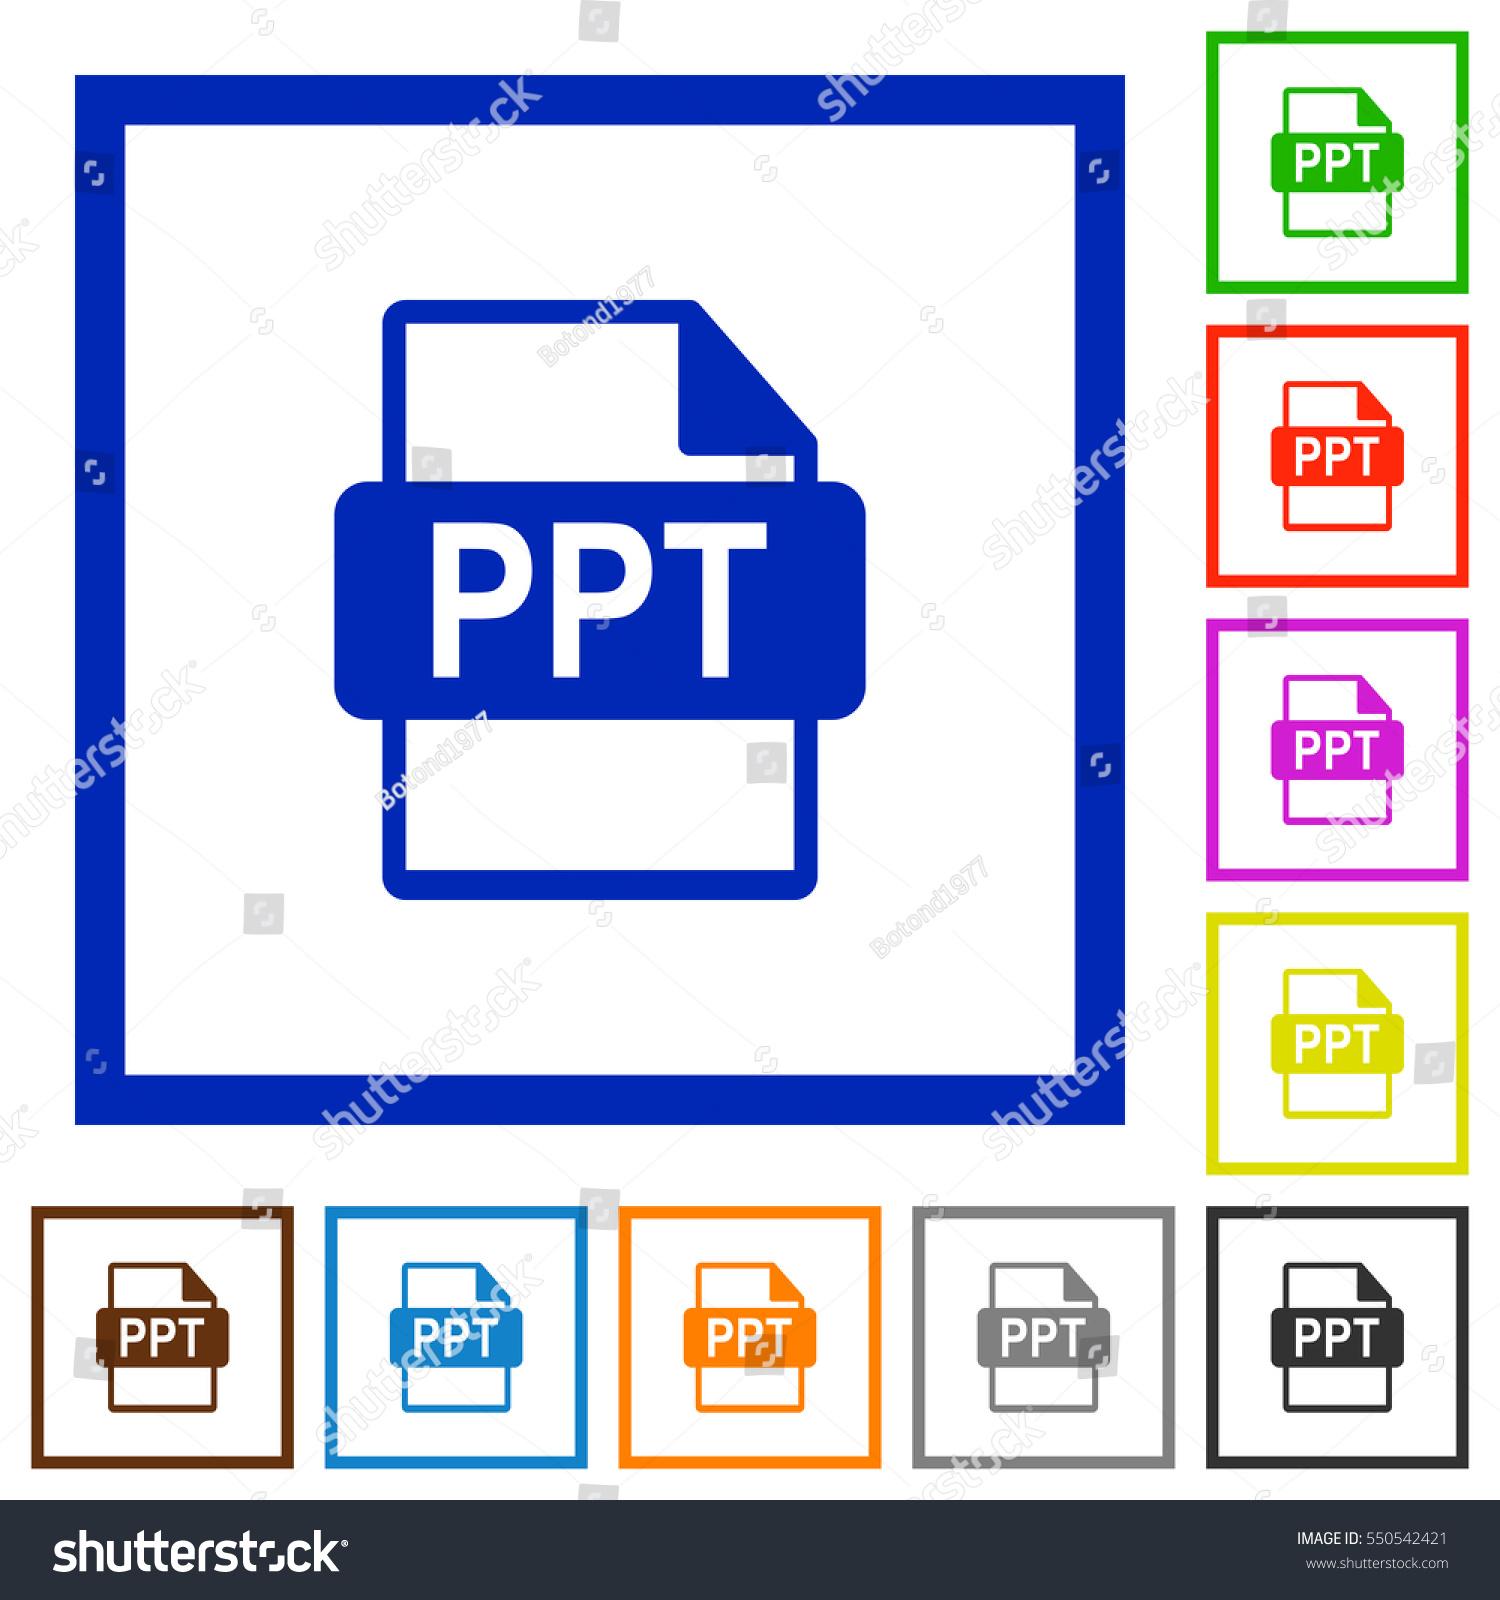 ppt file format flat color icons のベクター画像素材 ロイヤリティ